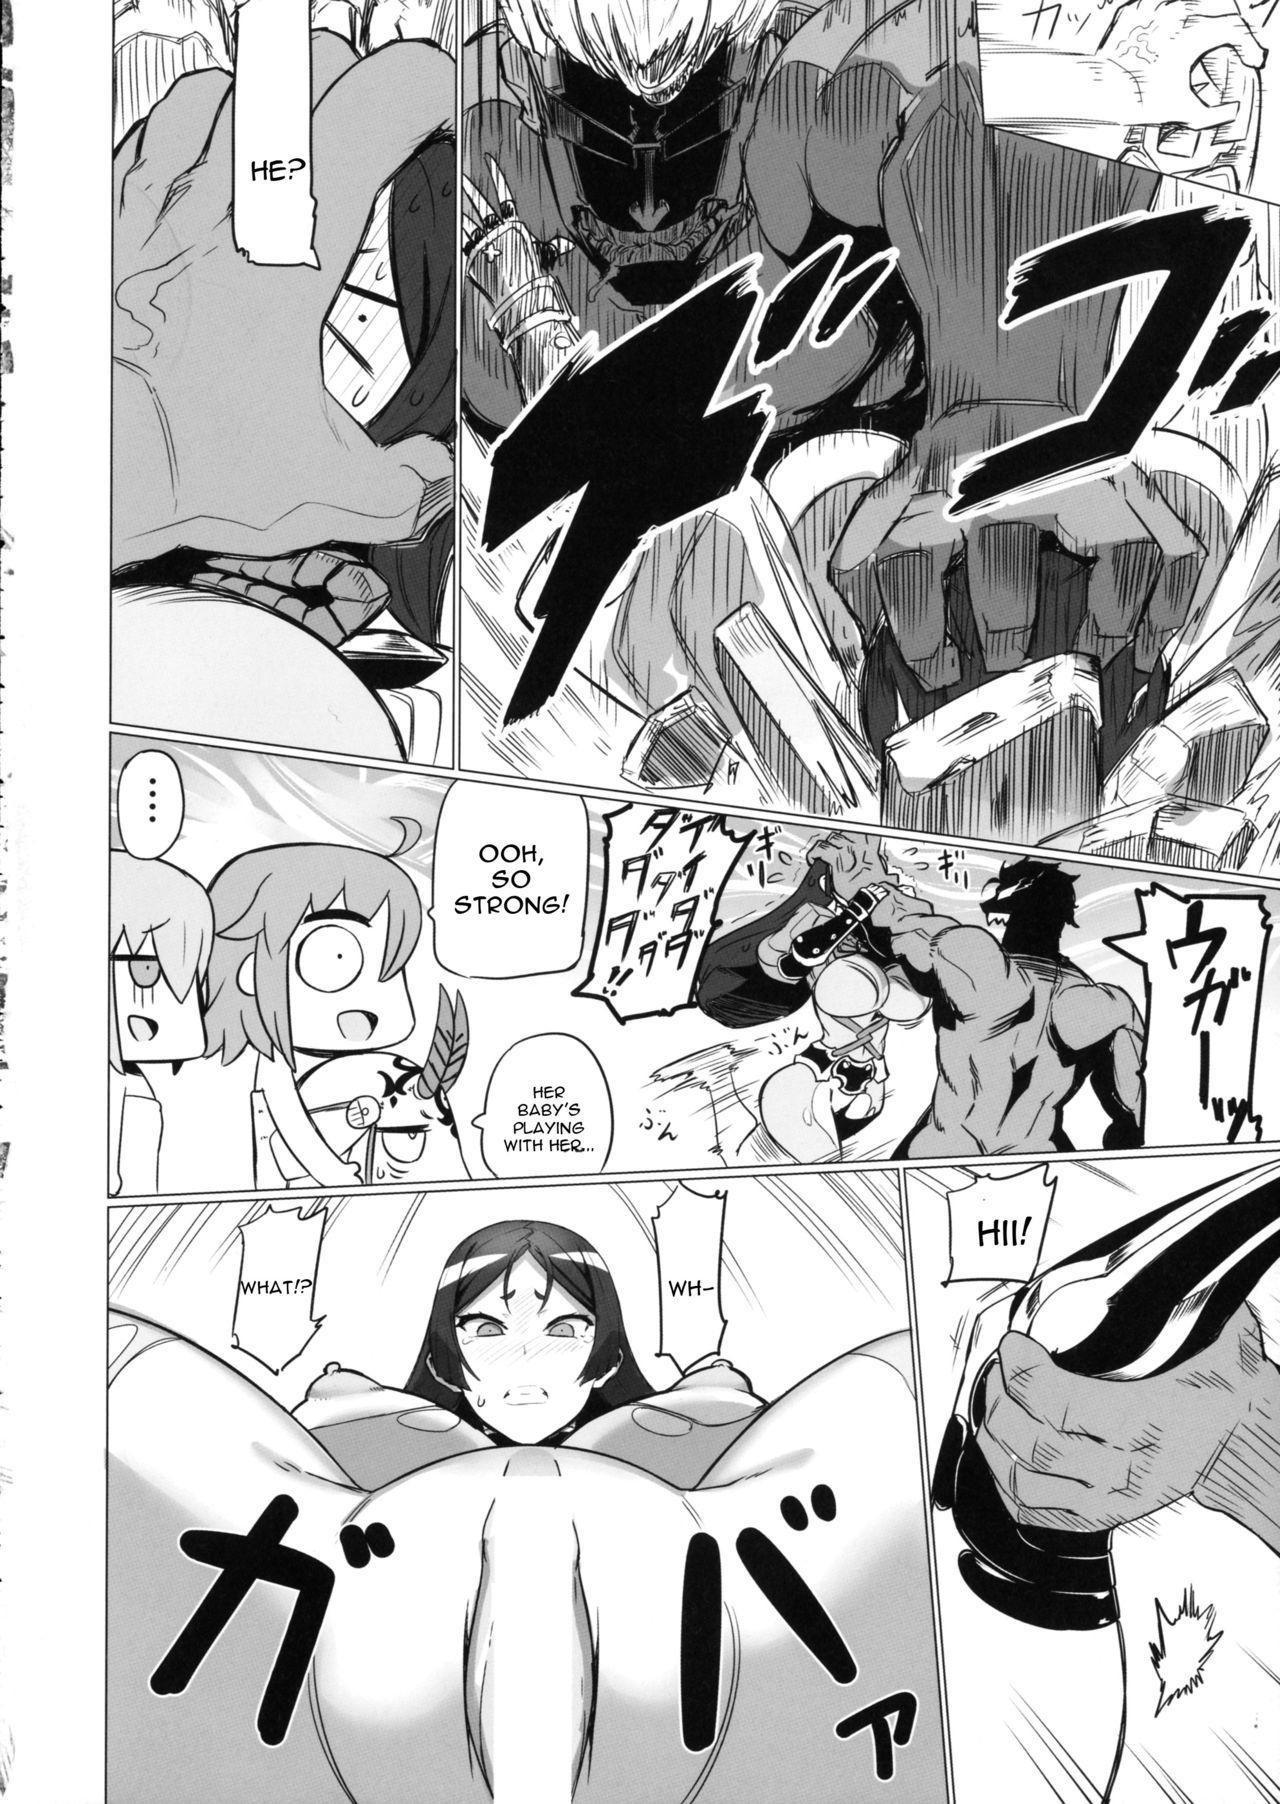 Shuten to Raikou no Yukemuri Daisakusen 12